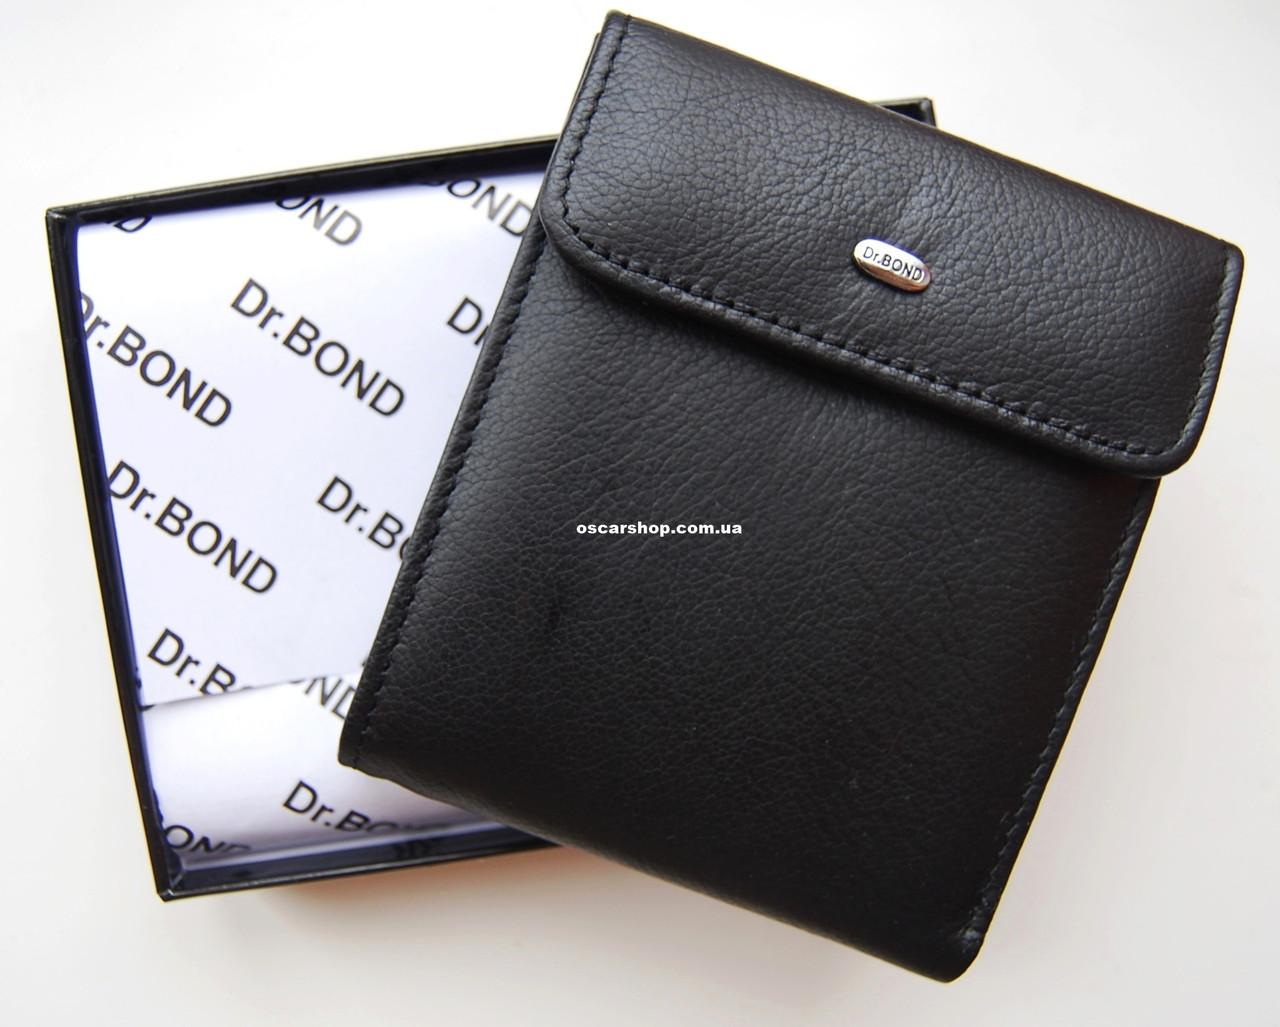 1b9b9f2f6731 Женское кожаное портмоне DR. BOND. Женский кошелек натуральная кожа.  Кожаный ...